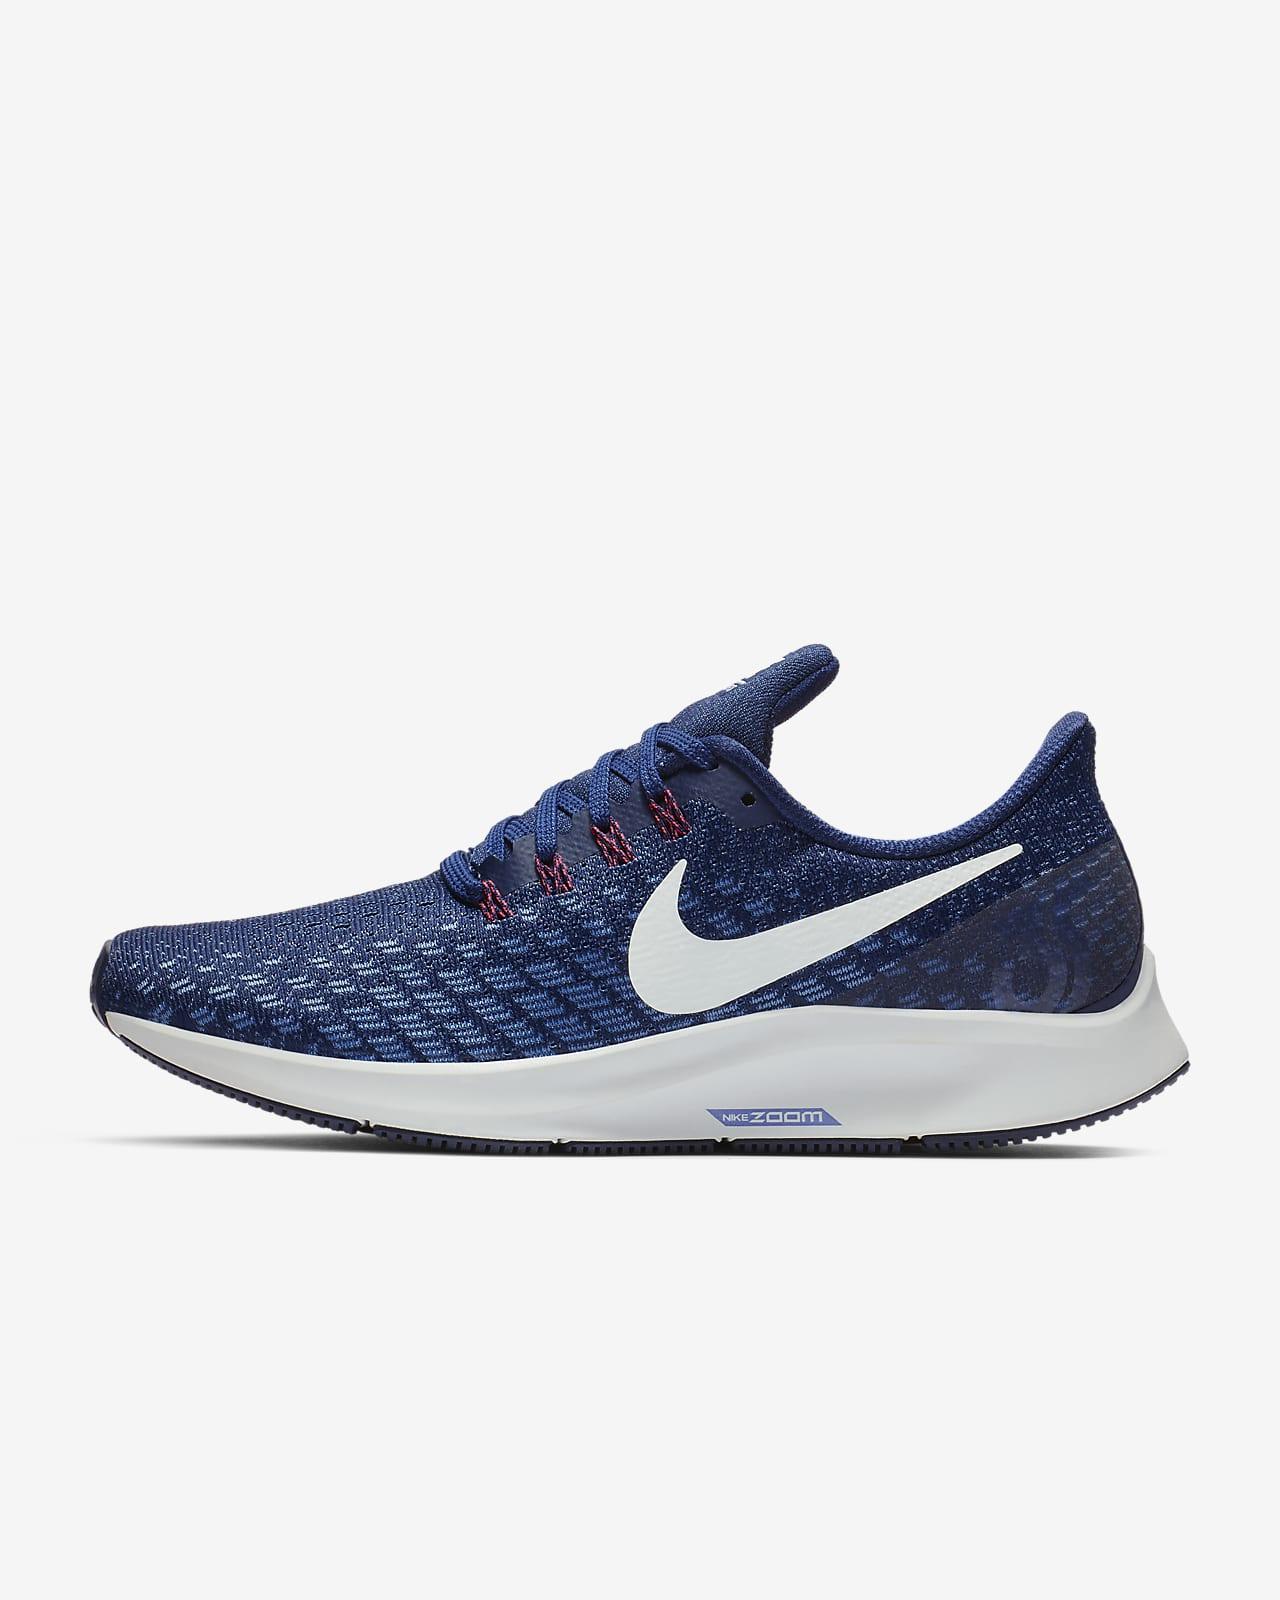 รองเท้าวิ่งผู้หญิง Nike Air Zoom Pegasus 35